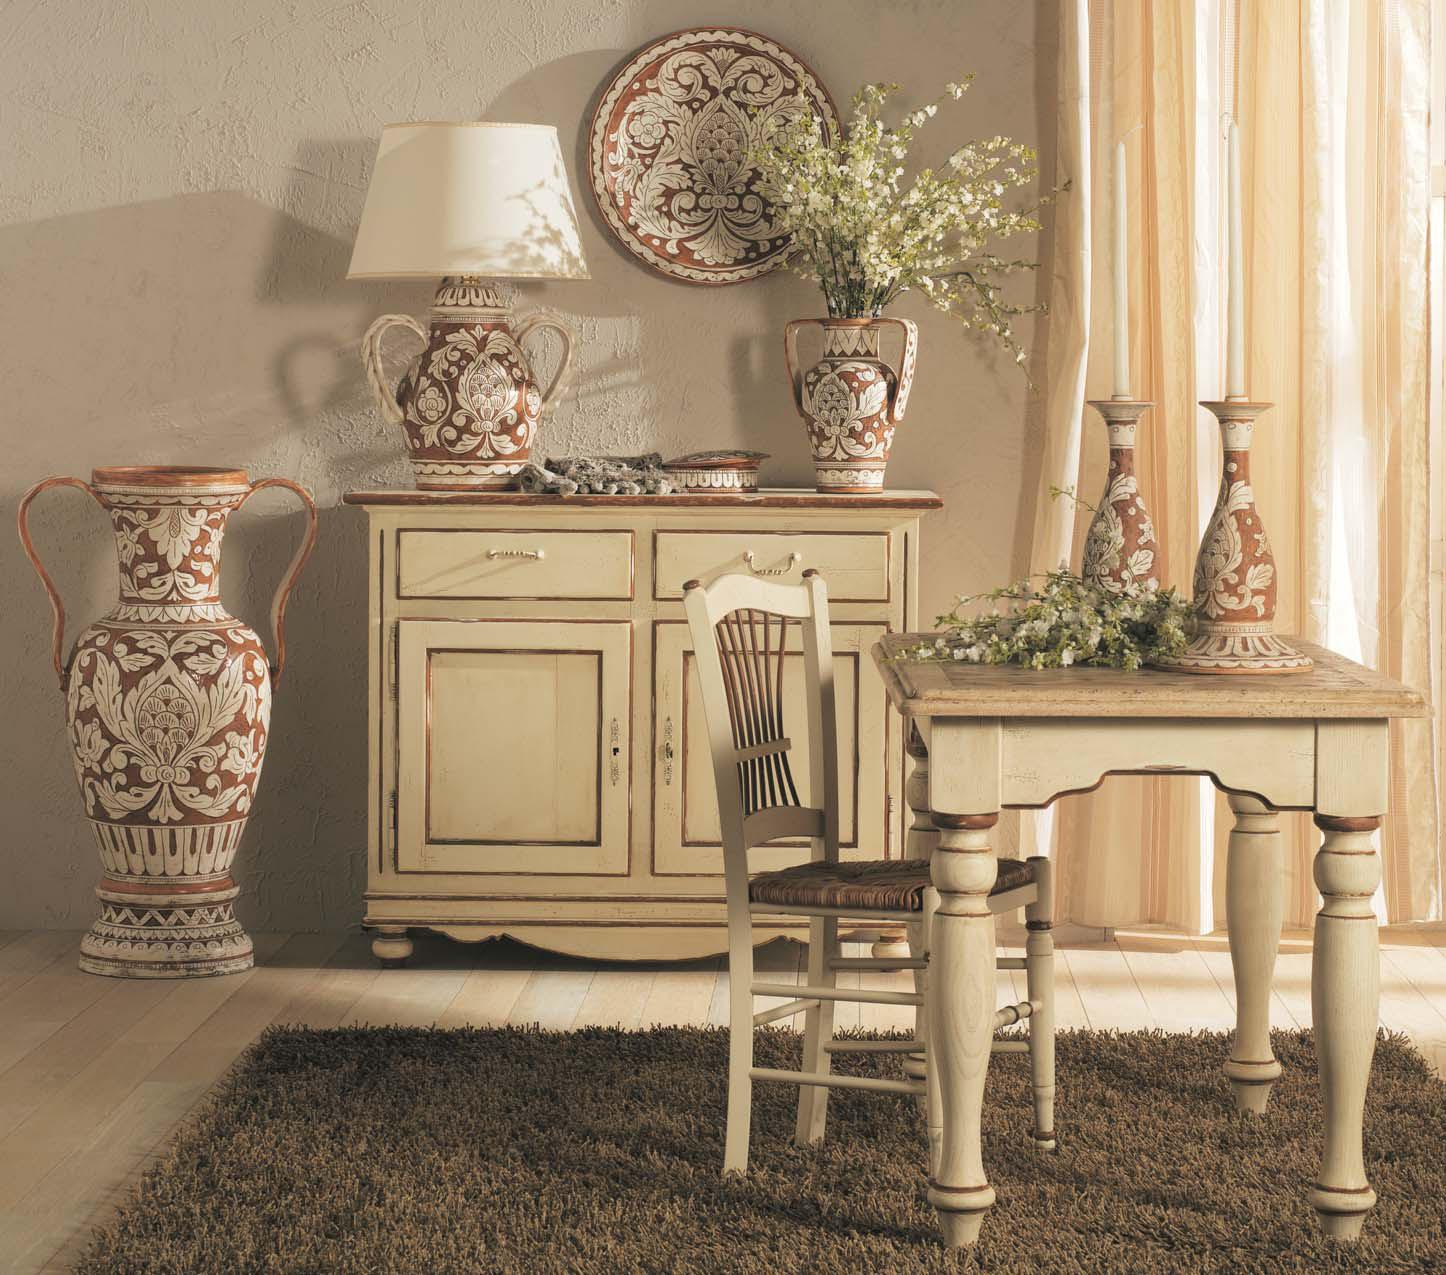 Фарфоровые вазы в столовой